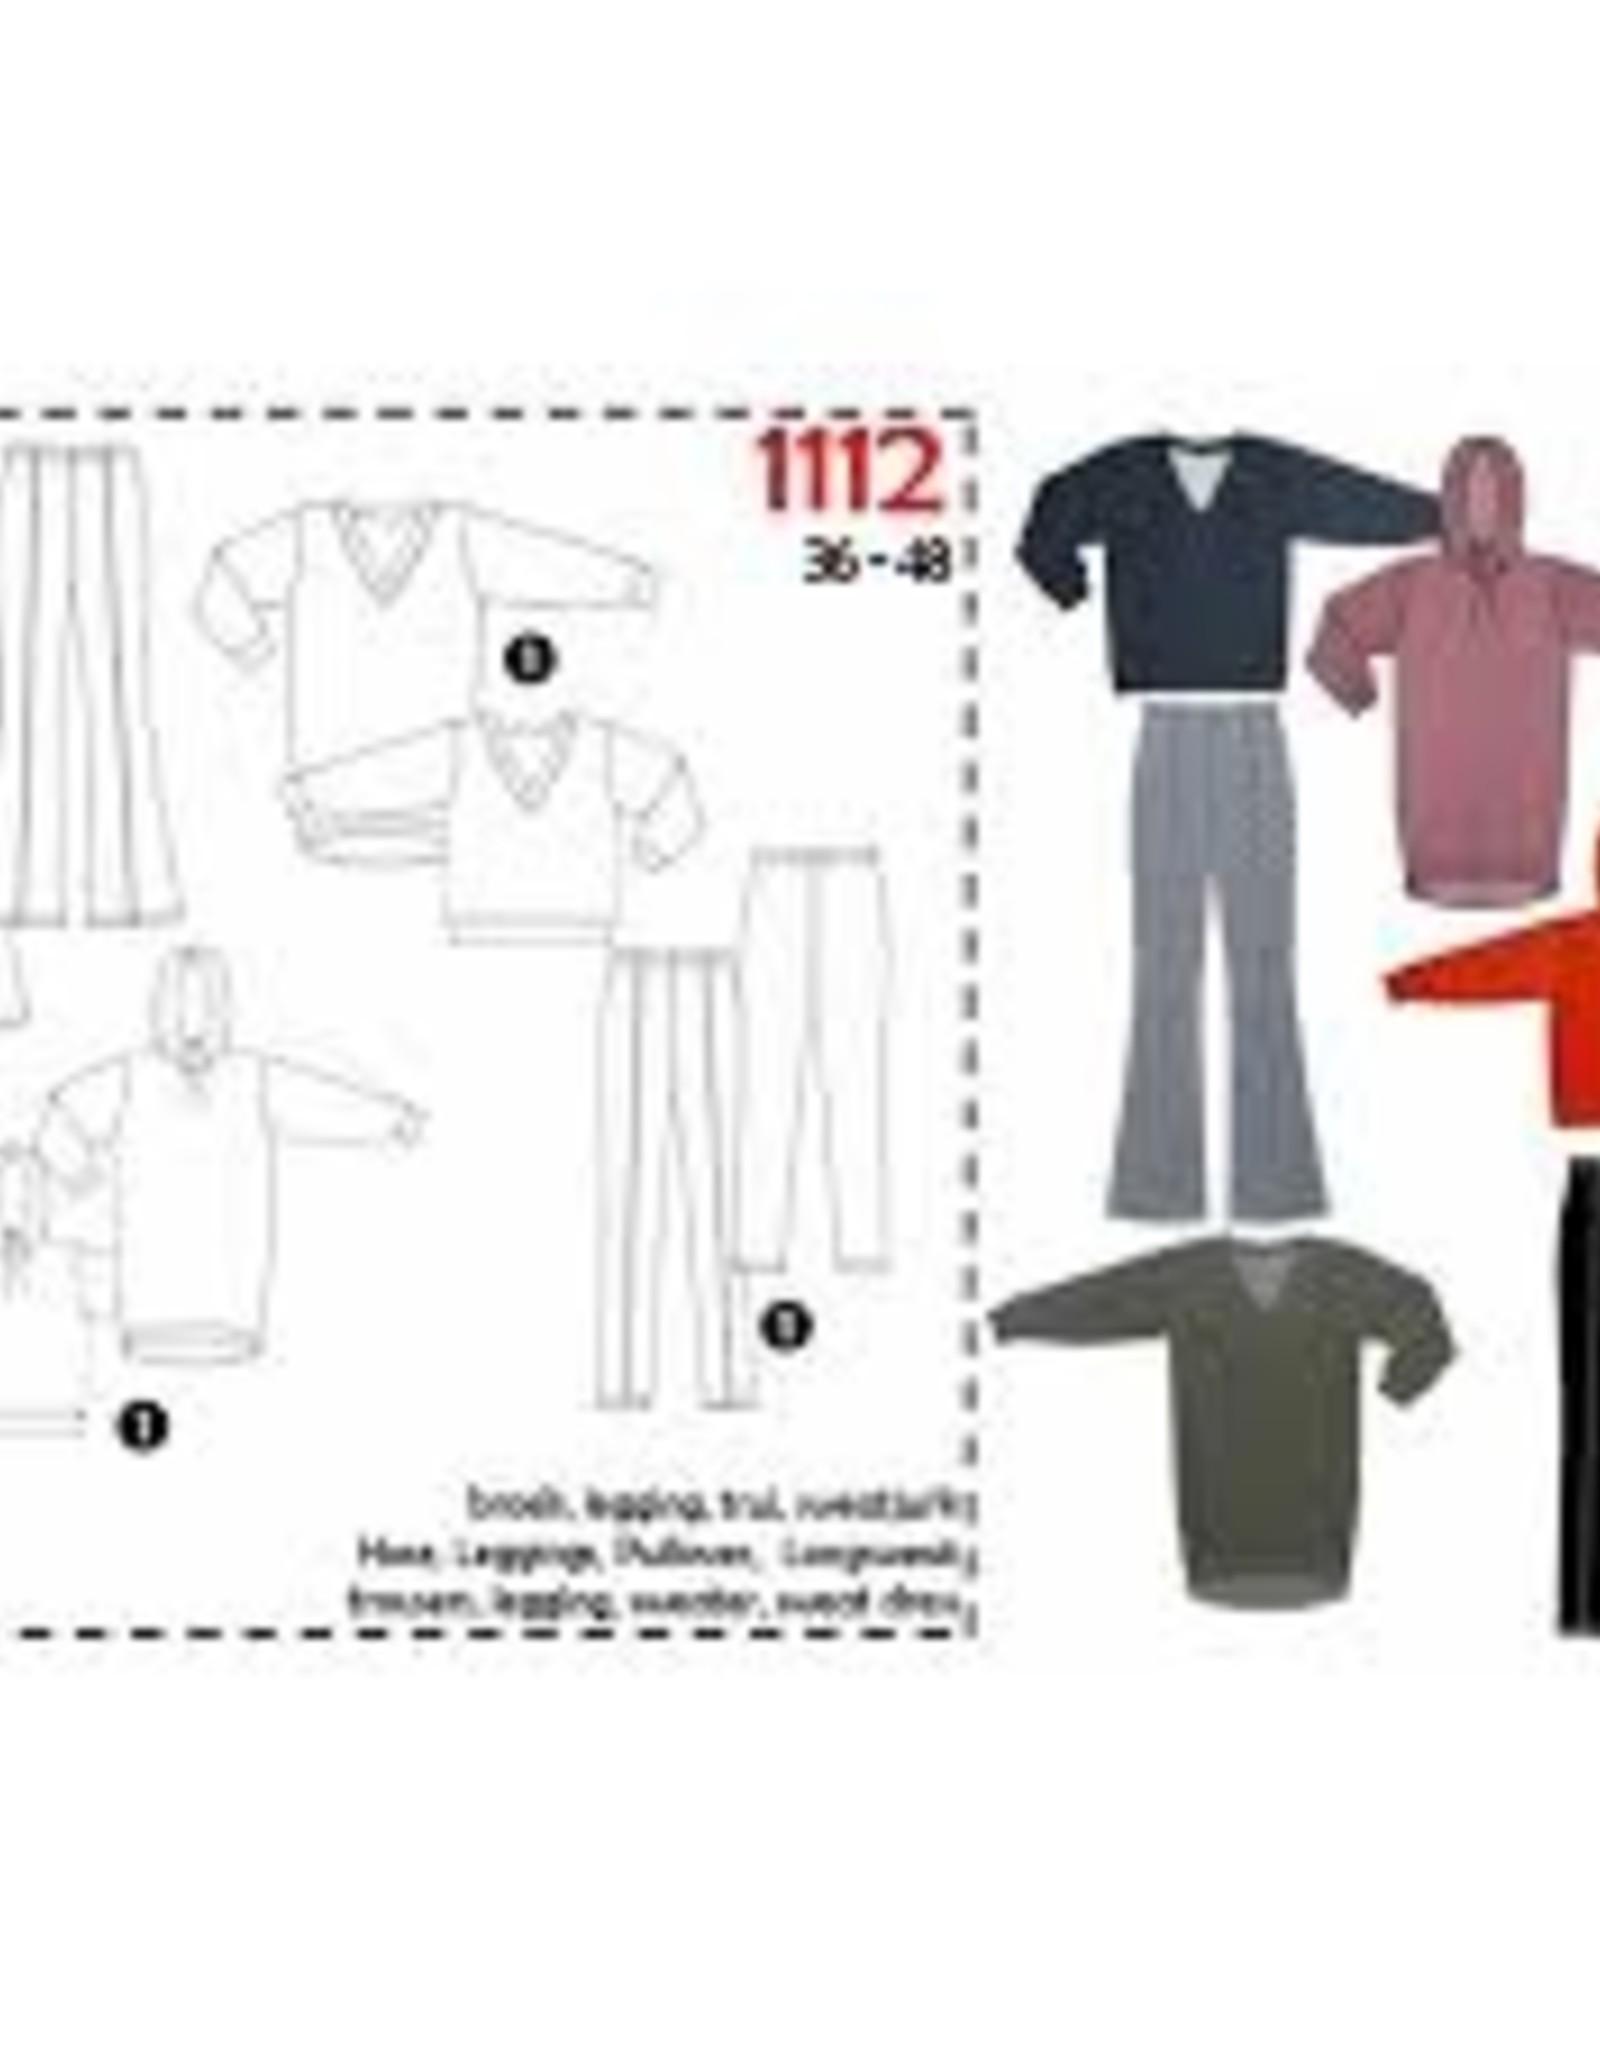 It's A fits Broek, legging, trui en sweatjurk 1112 - It's A fits